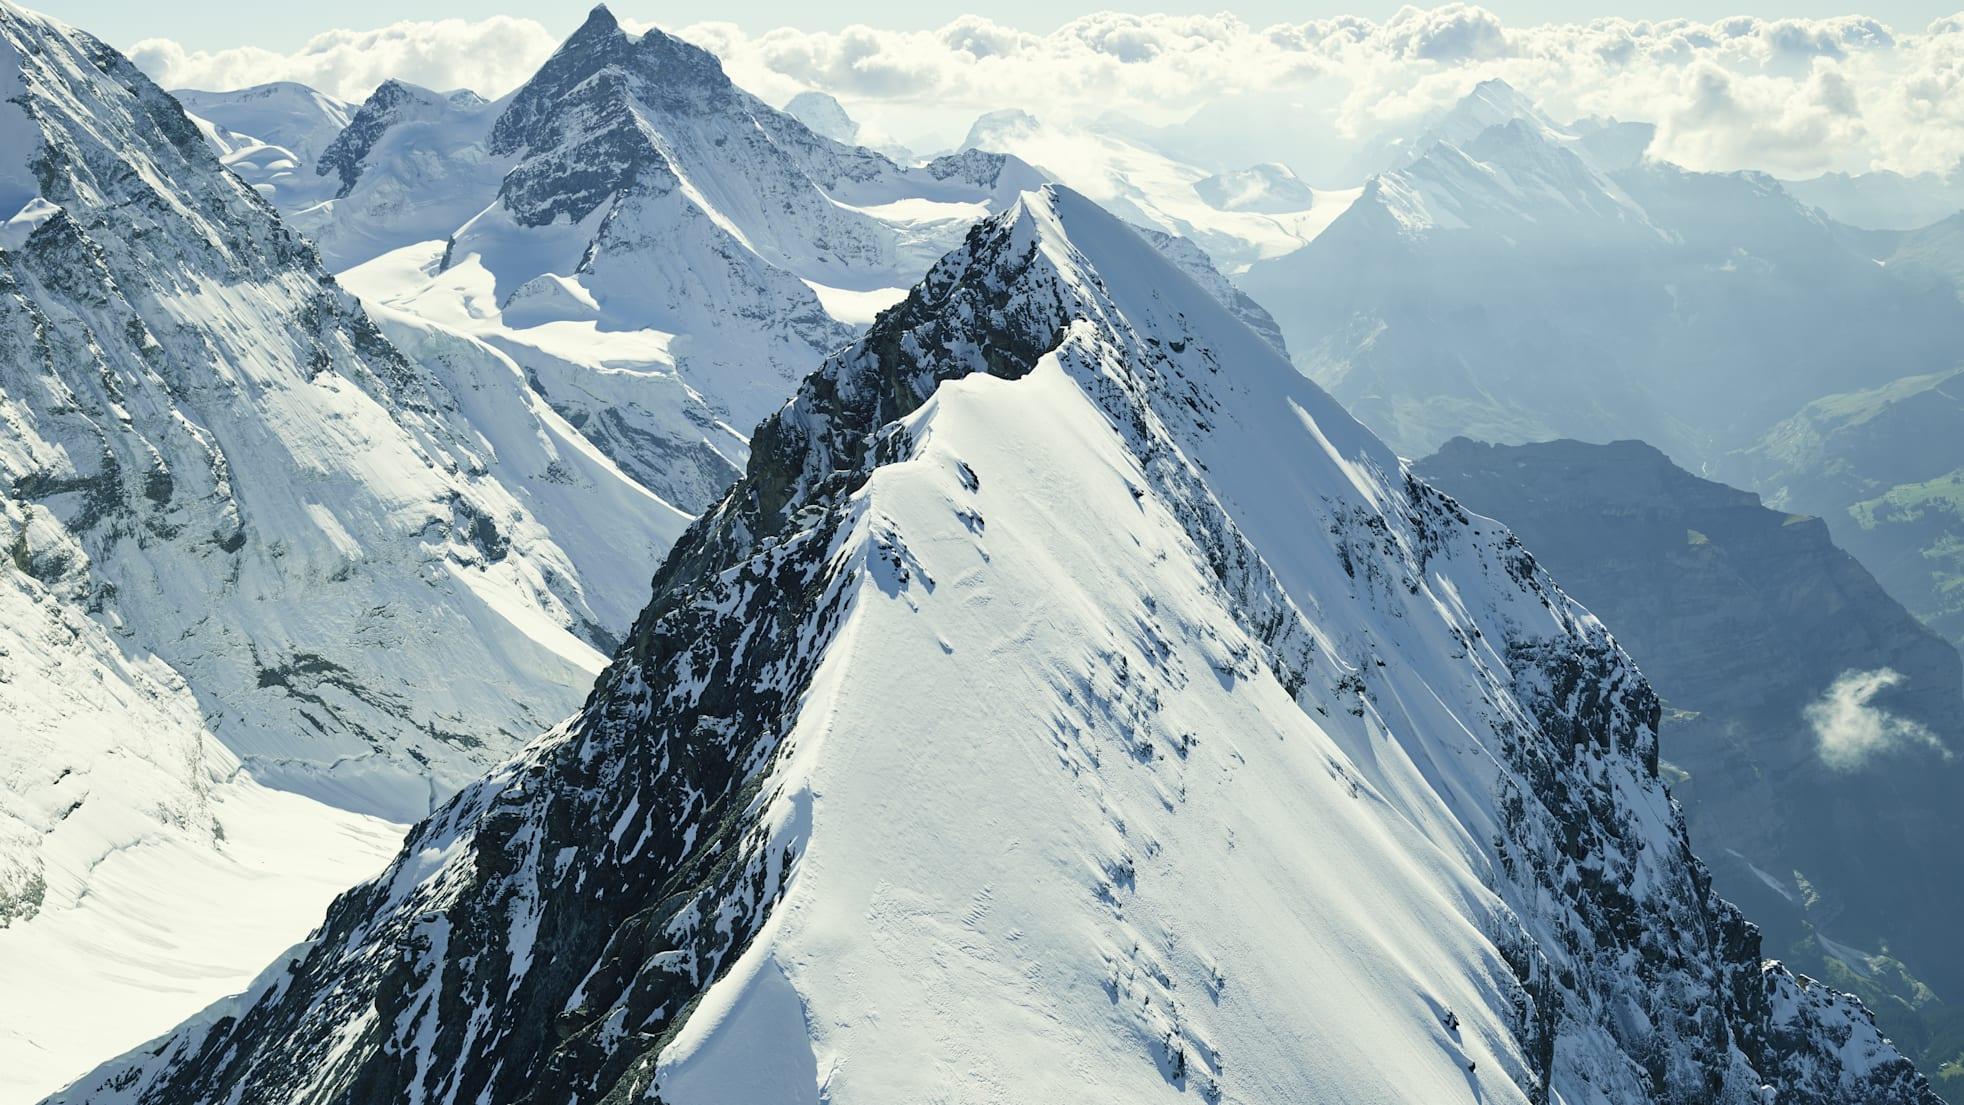 Eiger Jungfrau Mittellegigrat Panorama